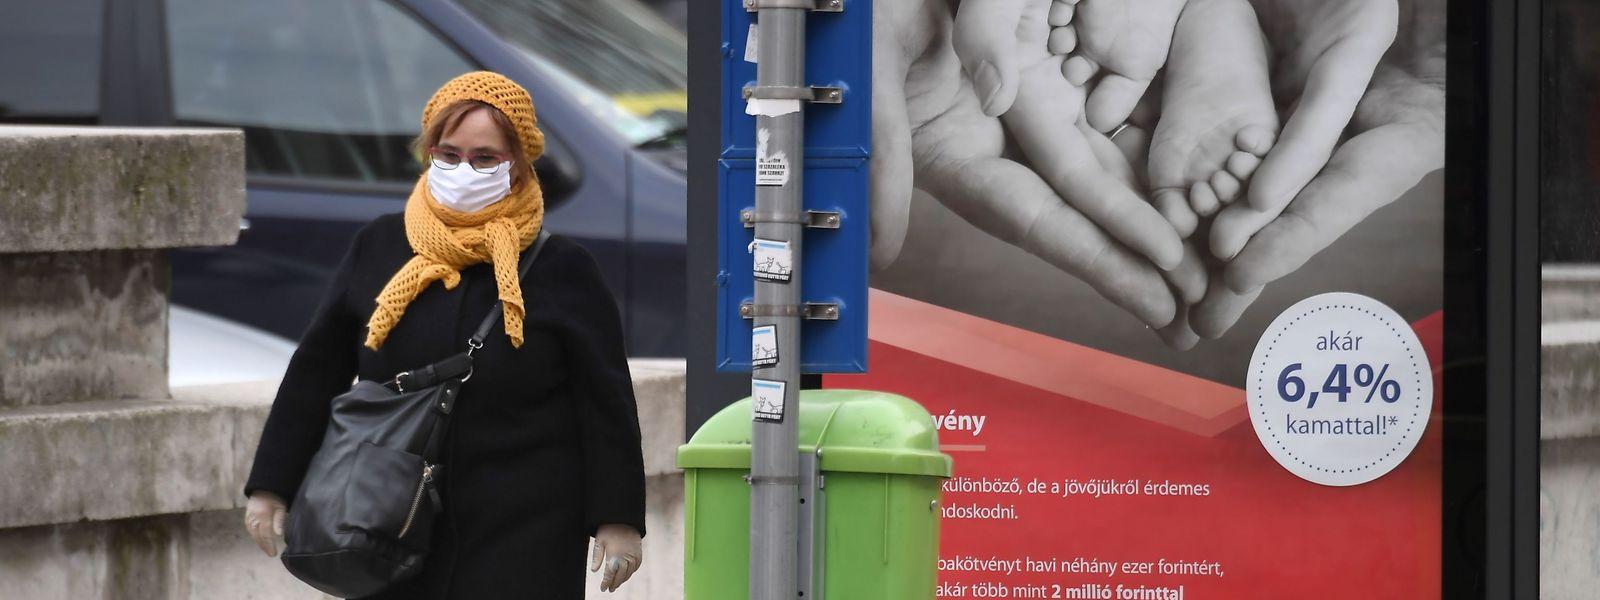 Eine Passantin mit Gesichtsmaske in Budapest.